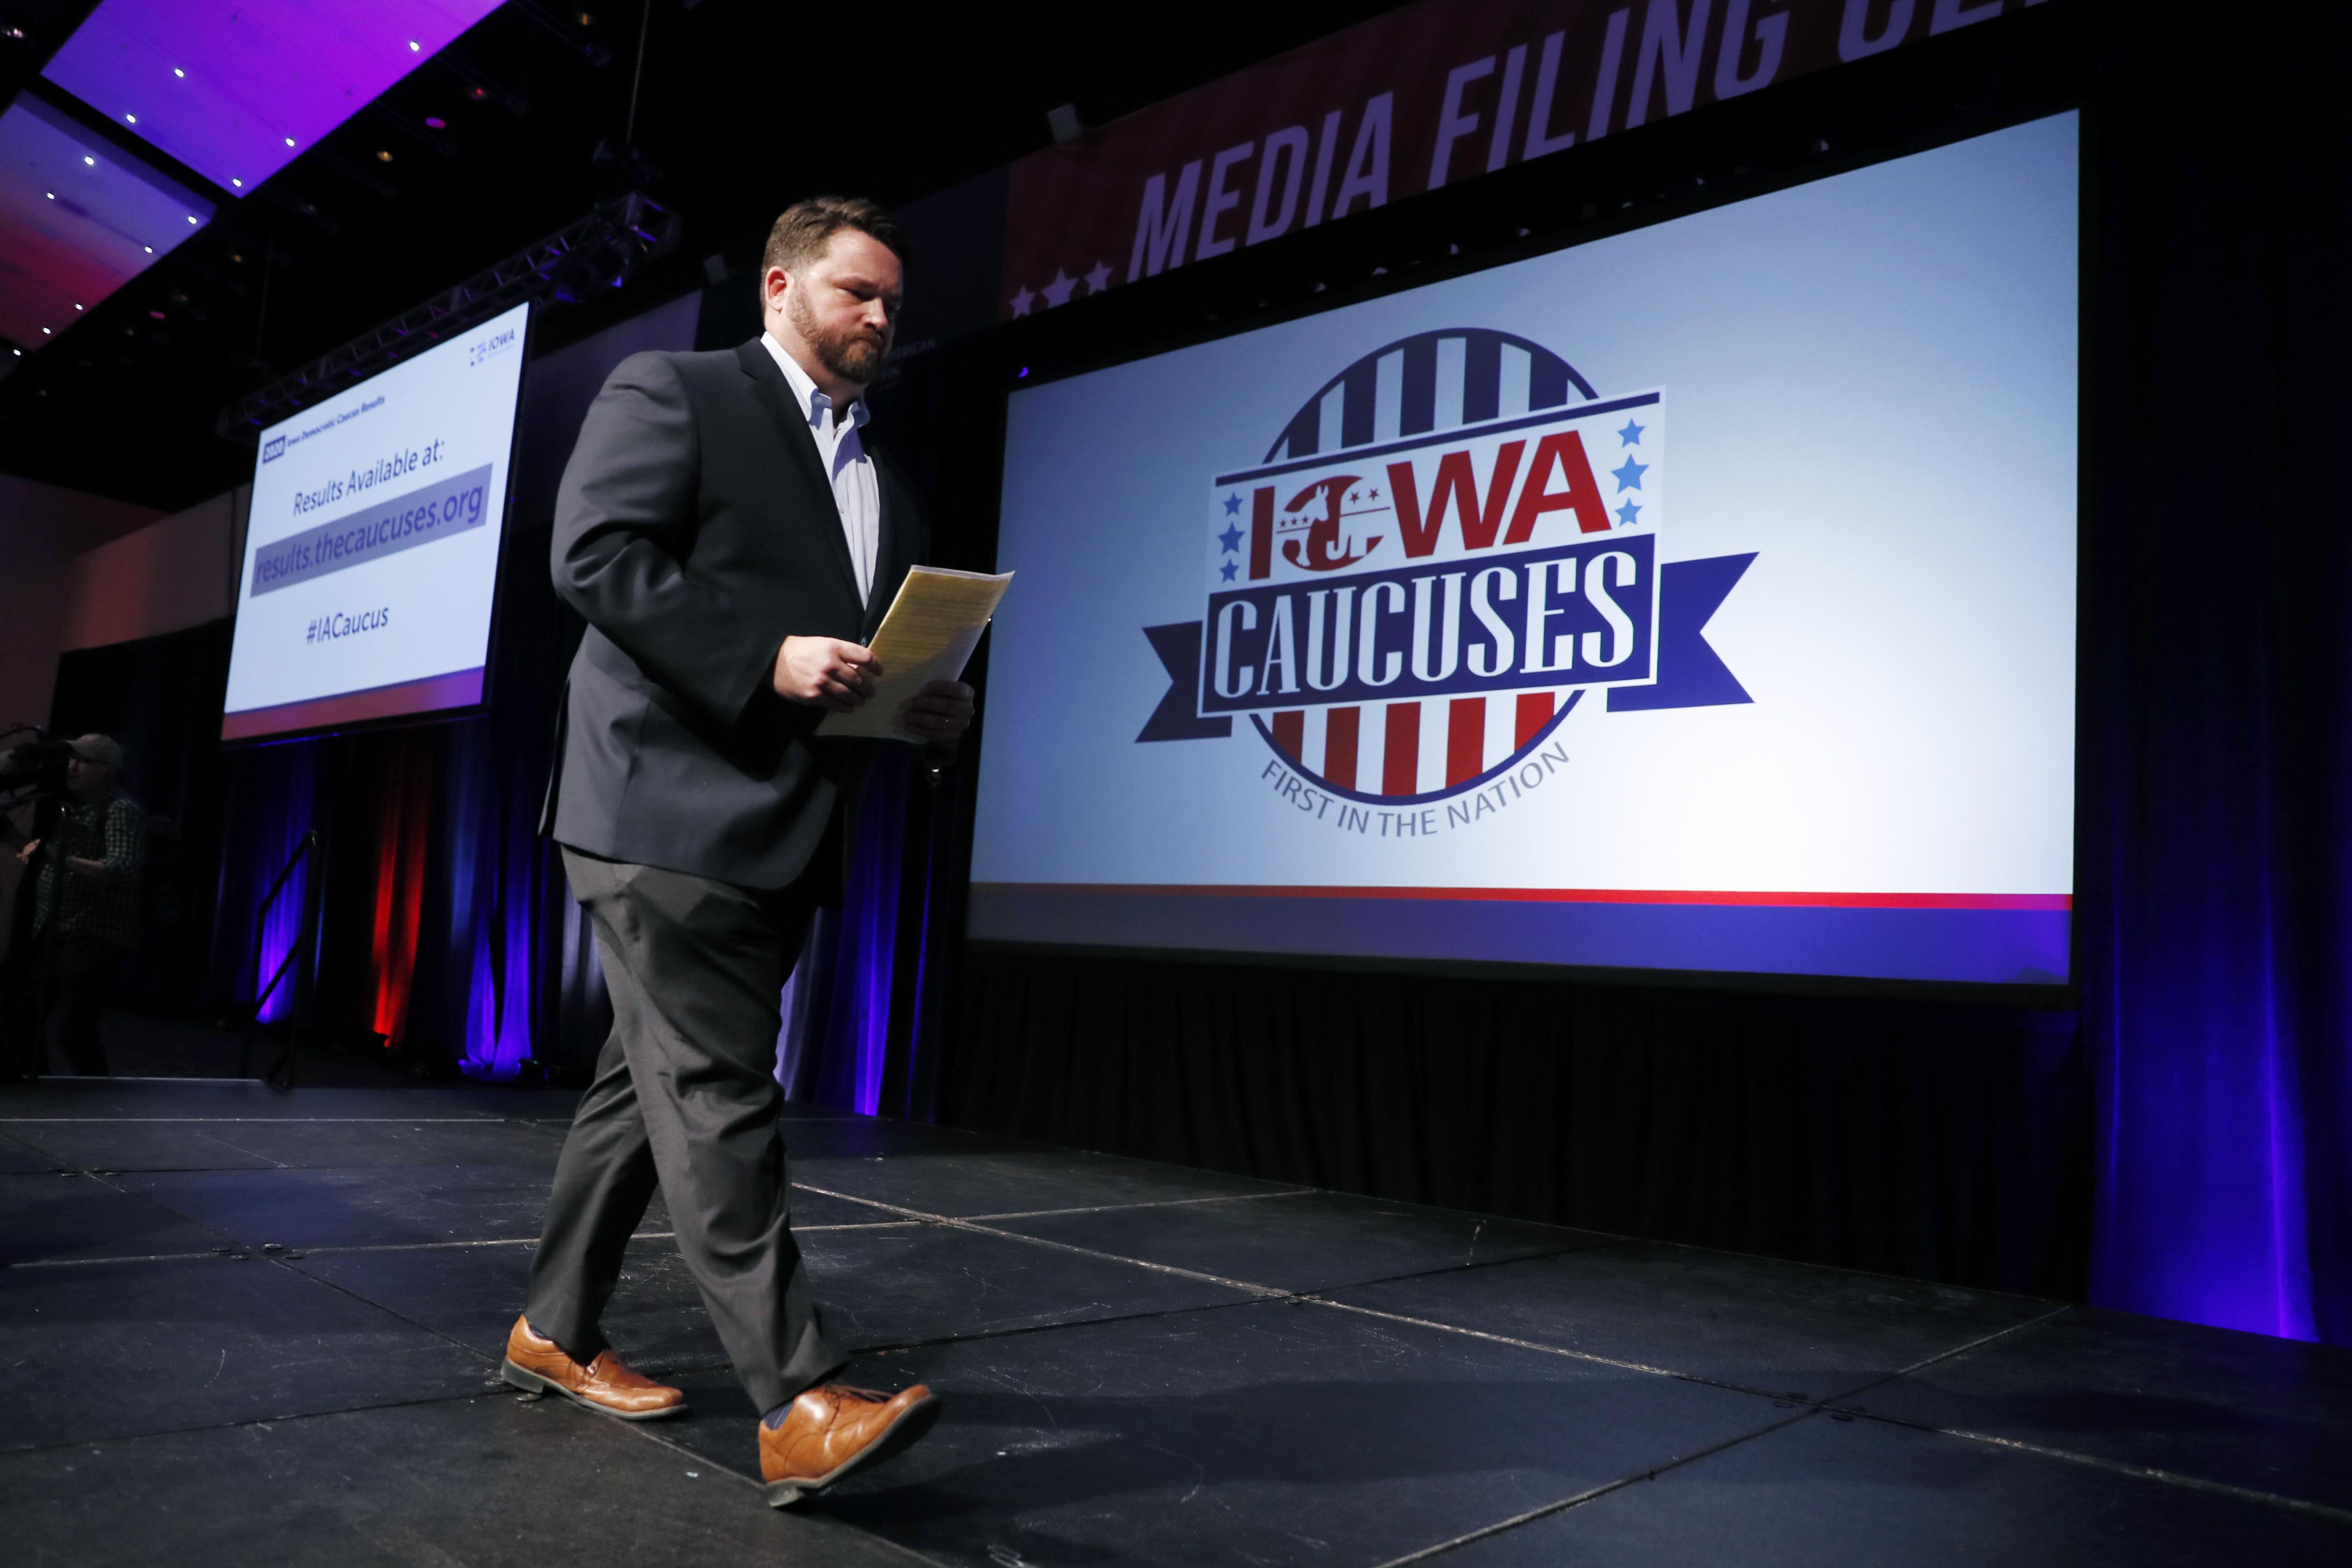 Ensuite, le président du Parti démocrate de l'Iowa, Troy Price, quitte la scène après avoir parlé du retard dans les résultats du caucus de l'Iowa, le mardi 4 février 2020, à Des Moines, dans l'Iowa. (Charlie Neibergall / AP)